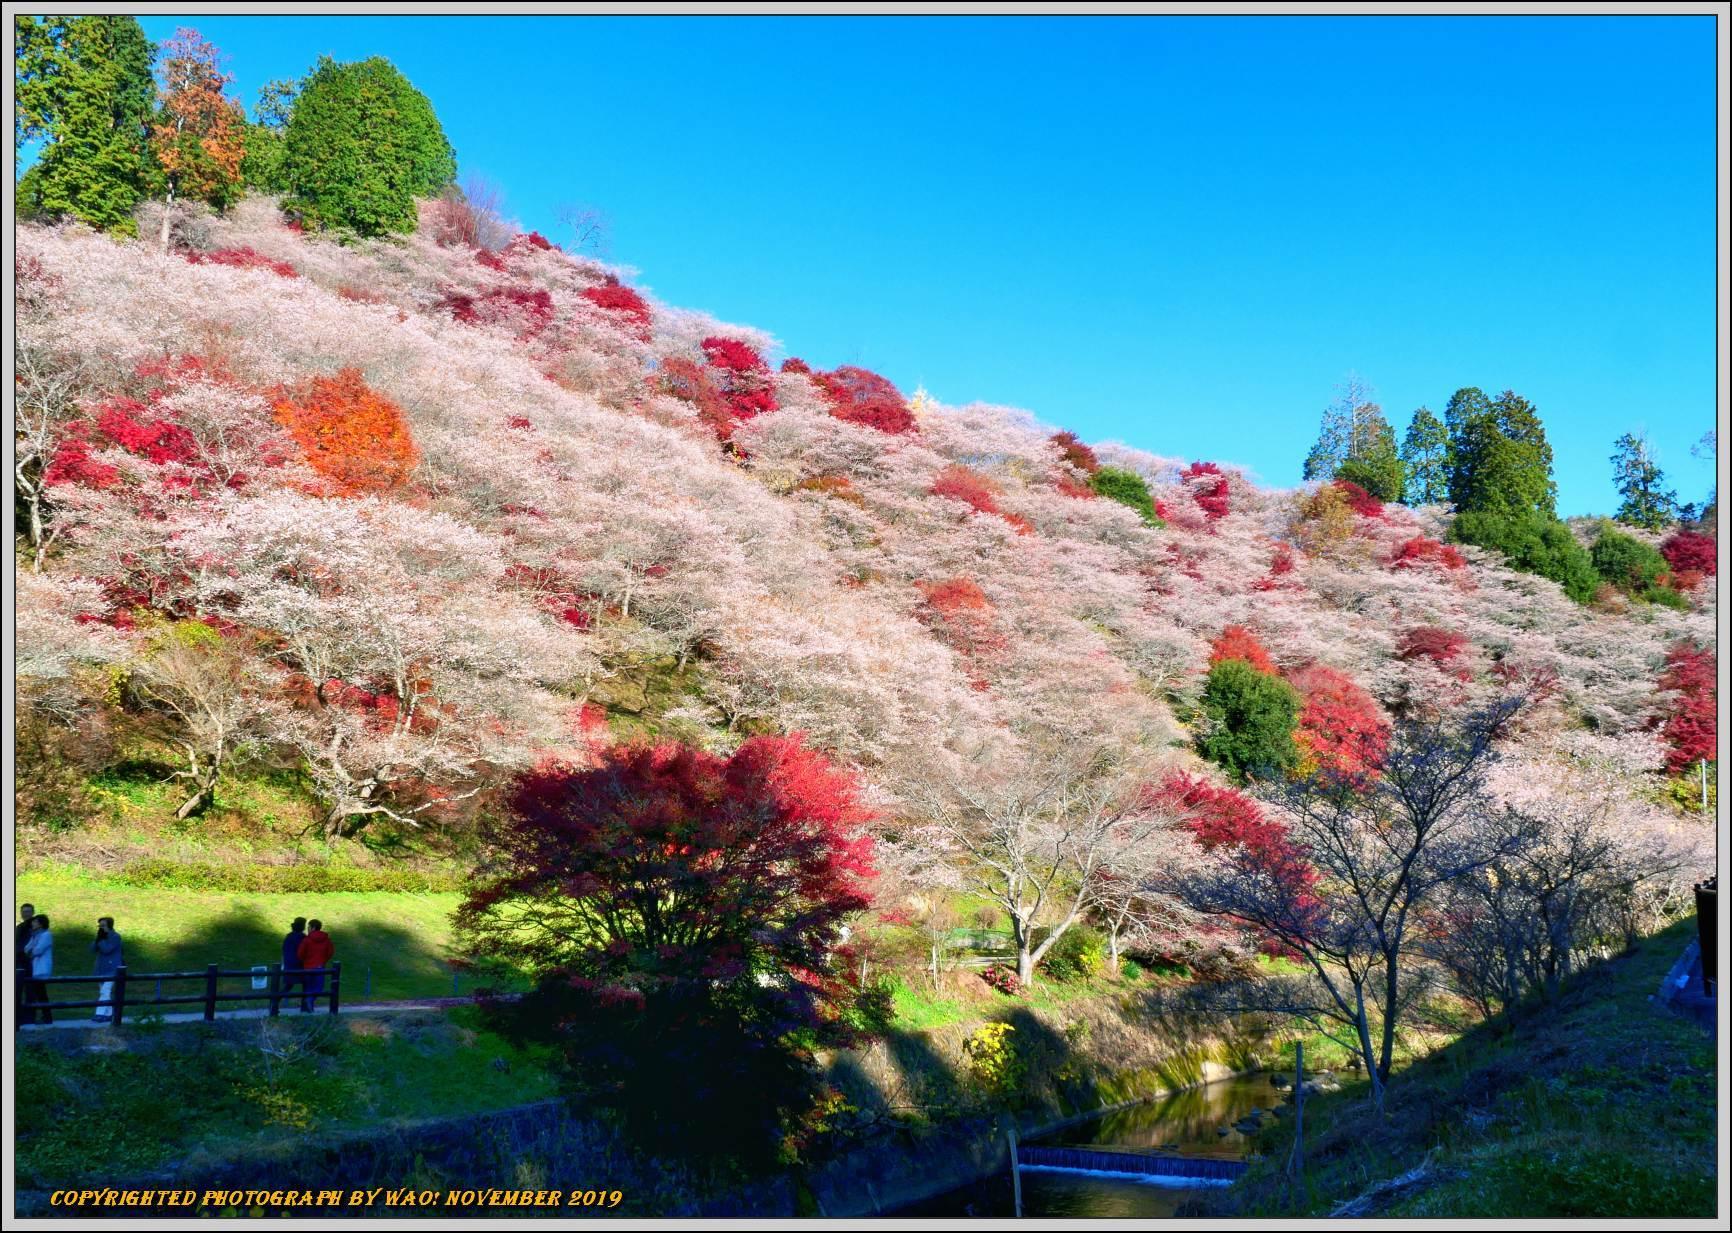 四季桜とモミジのコラボレーション-1_c0198669_15533244.jpg